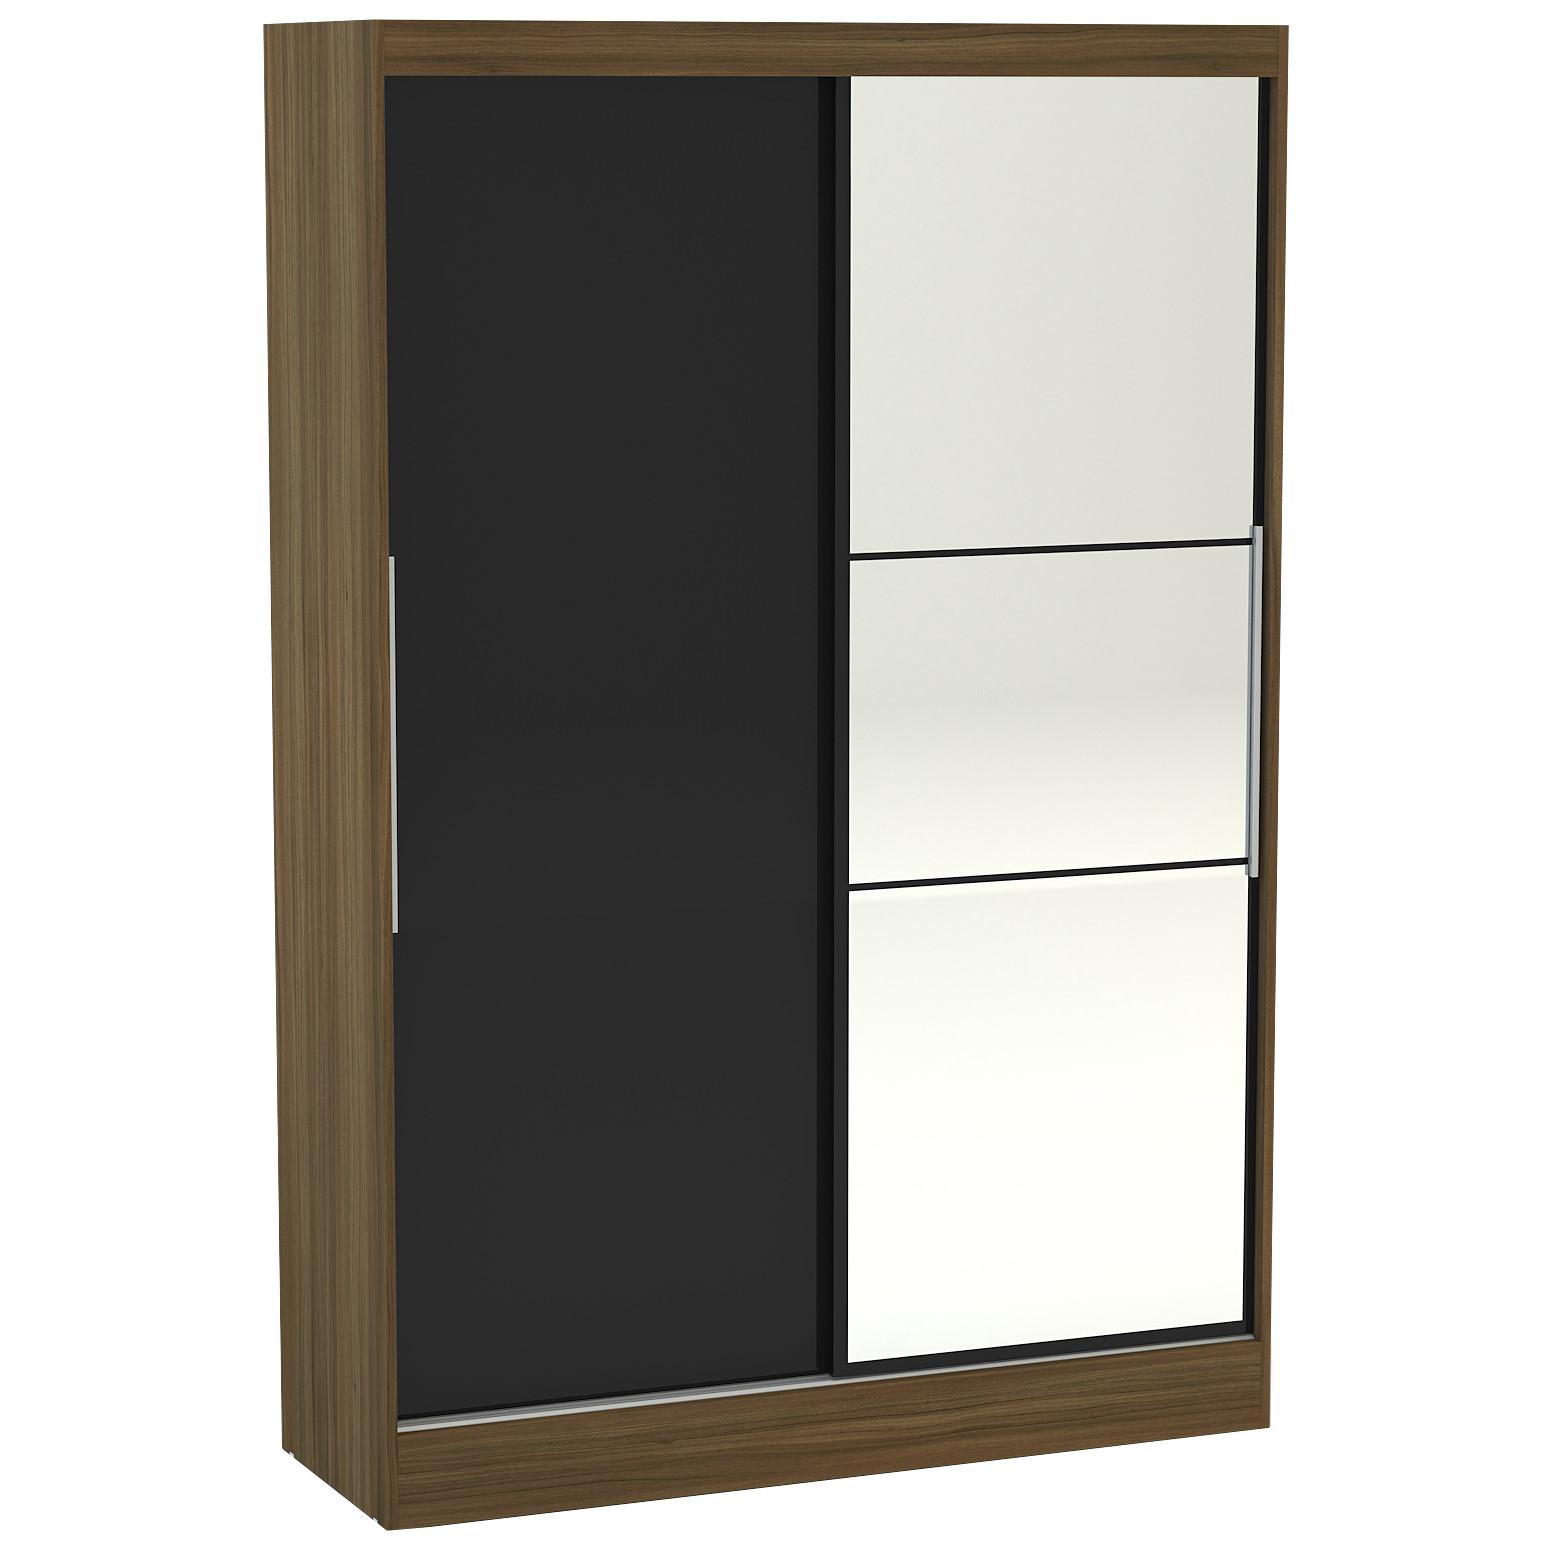 Walnut High Gloss 2 Door Hanging Sliding Mirror Wardrobe Black Cream